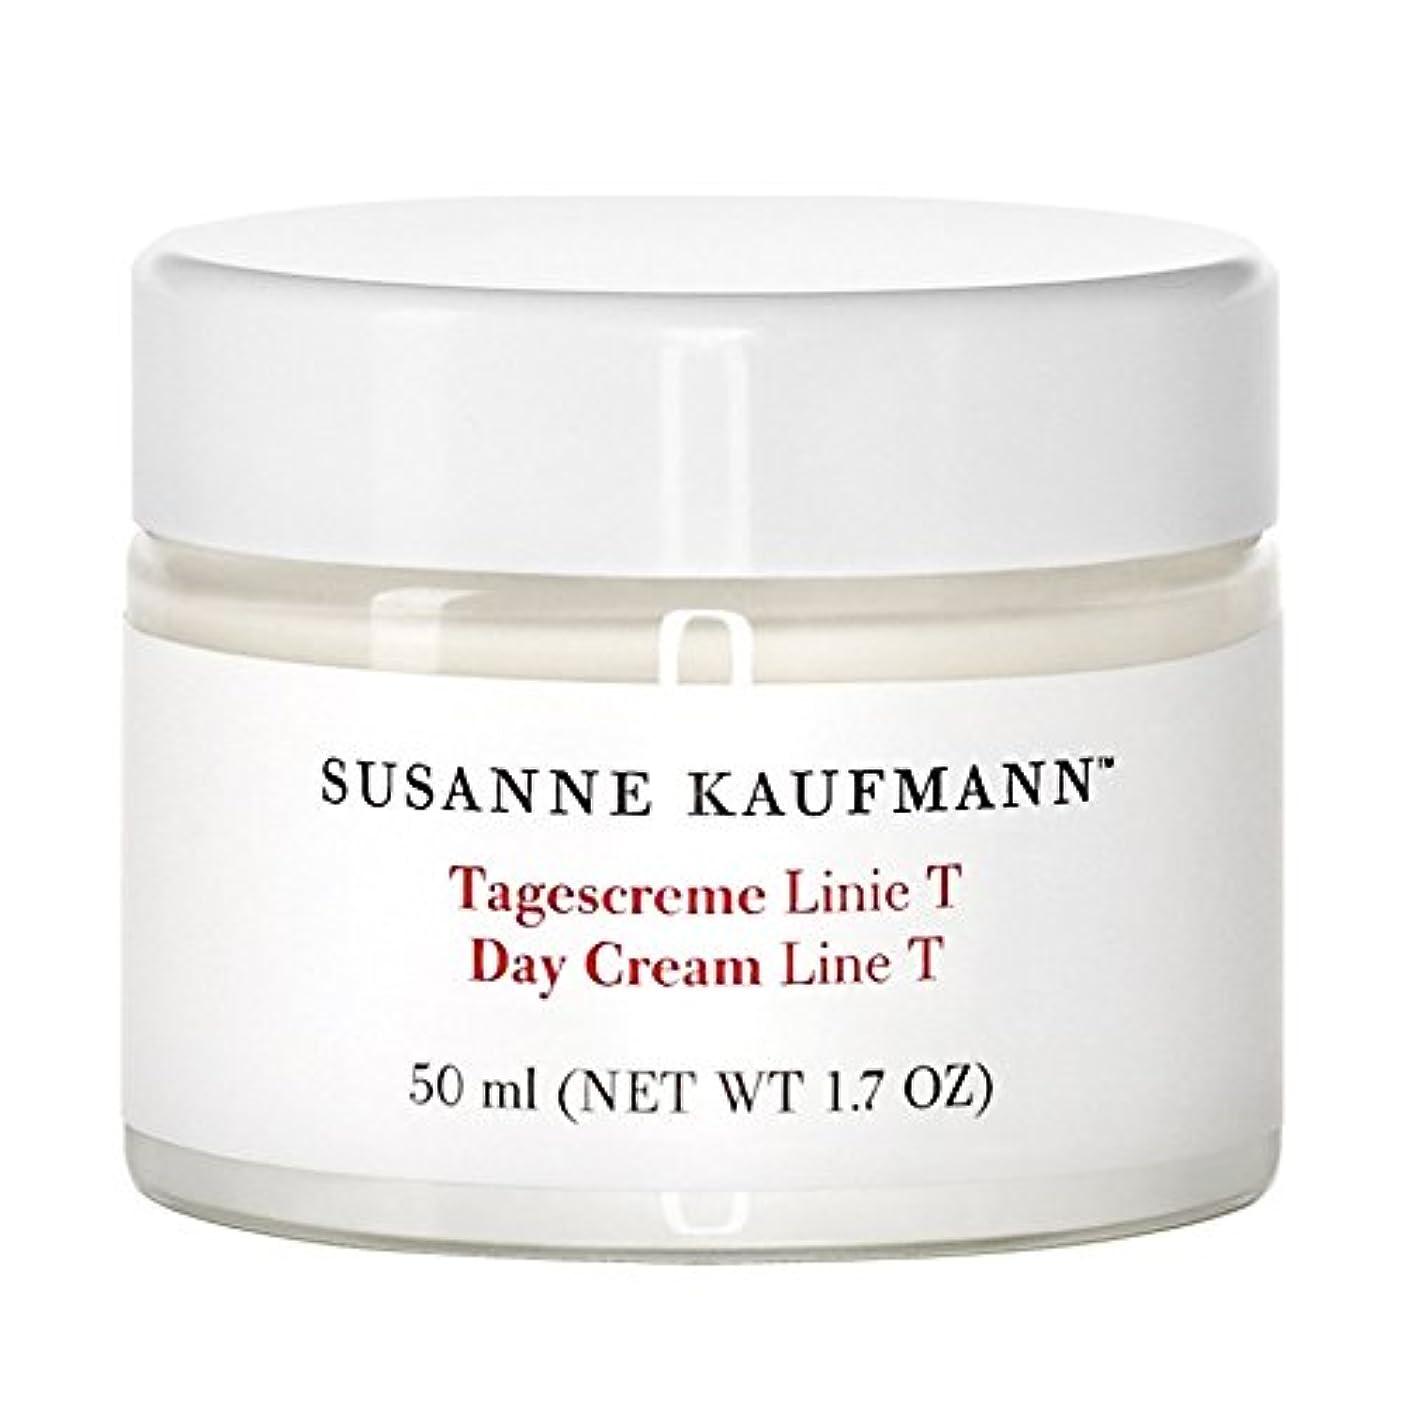 嫌い早く福祉Susanne Kaufmann Day Cream Line T 50ml (Pack of 6) - スザンヌカウフマン日クリームライントンの50ミリリットル x6 [並行輸入品]